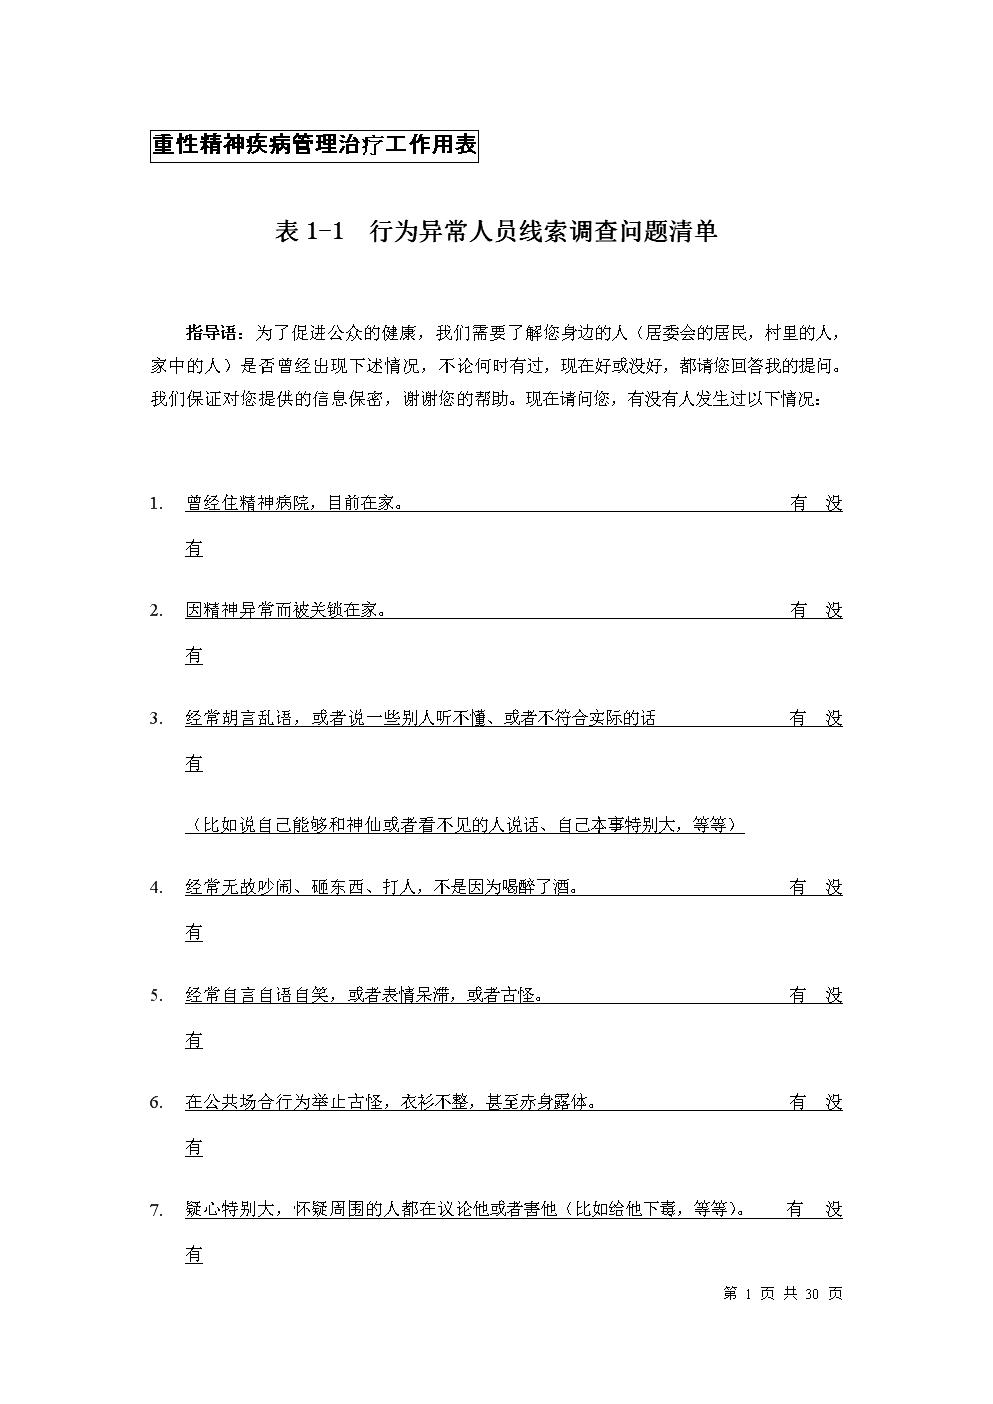 重性精神疾病管理治疗工作用表大全.docx